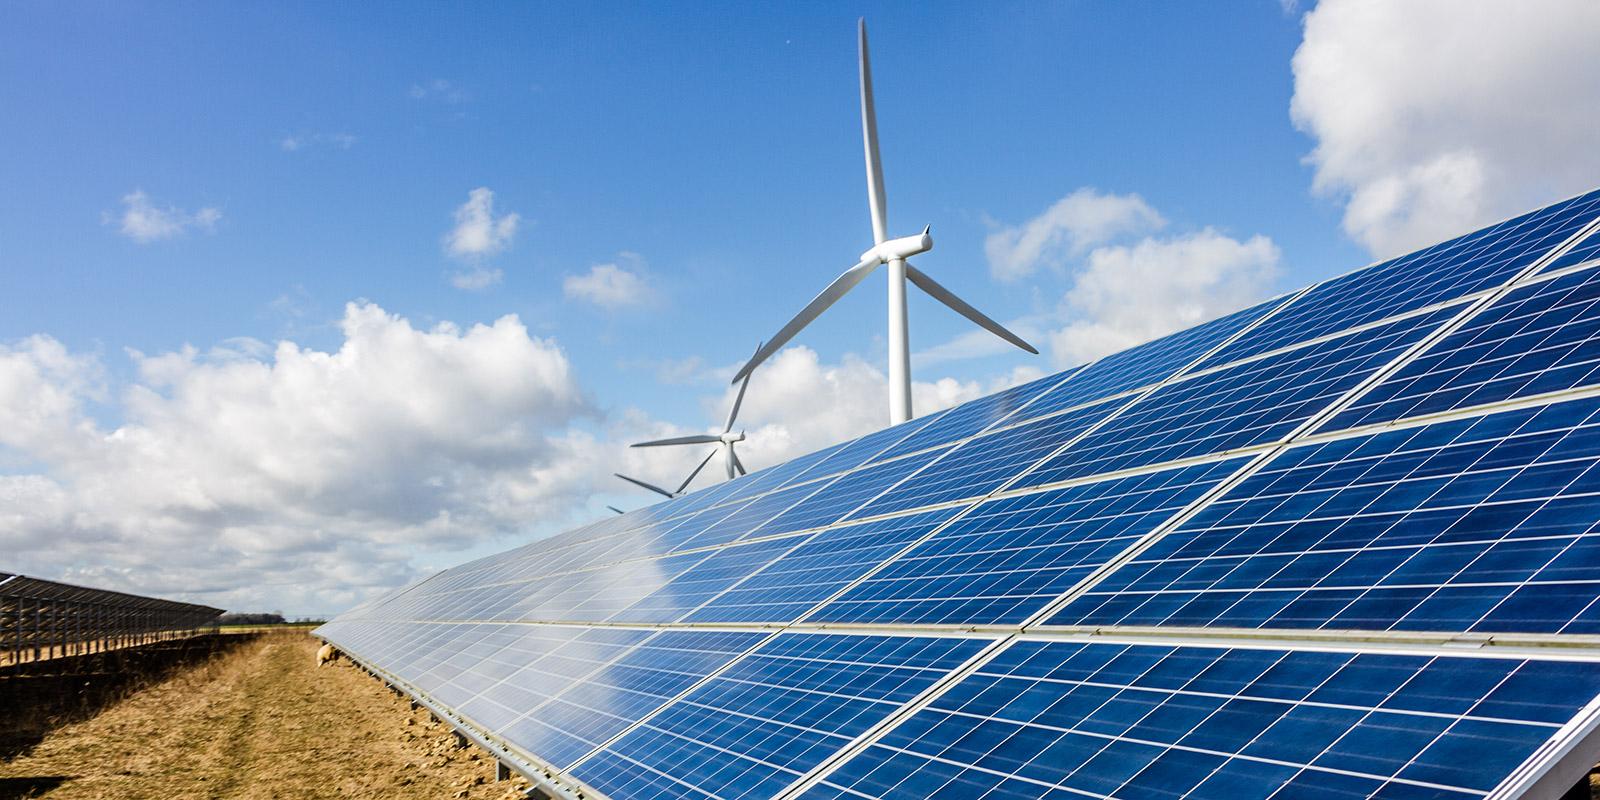 За первое полугодие в Украине построили 79 объектов возобновляемой энергетики суммарной мощностью 182,7 МВт, до конца года реализуют еще 70 проектов общей мощностью более 430 МВт